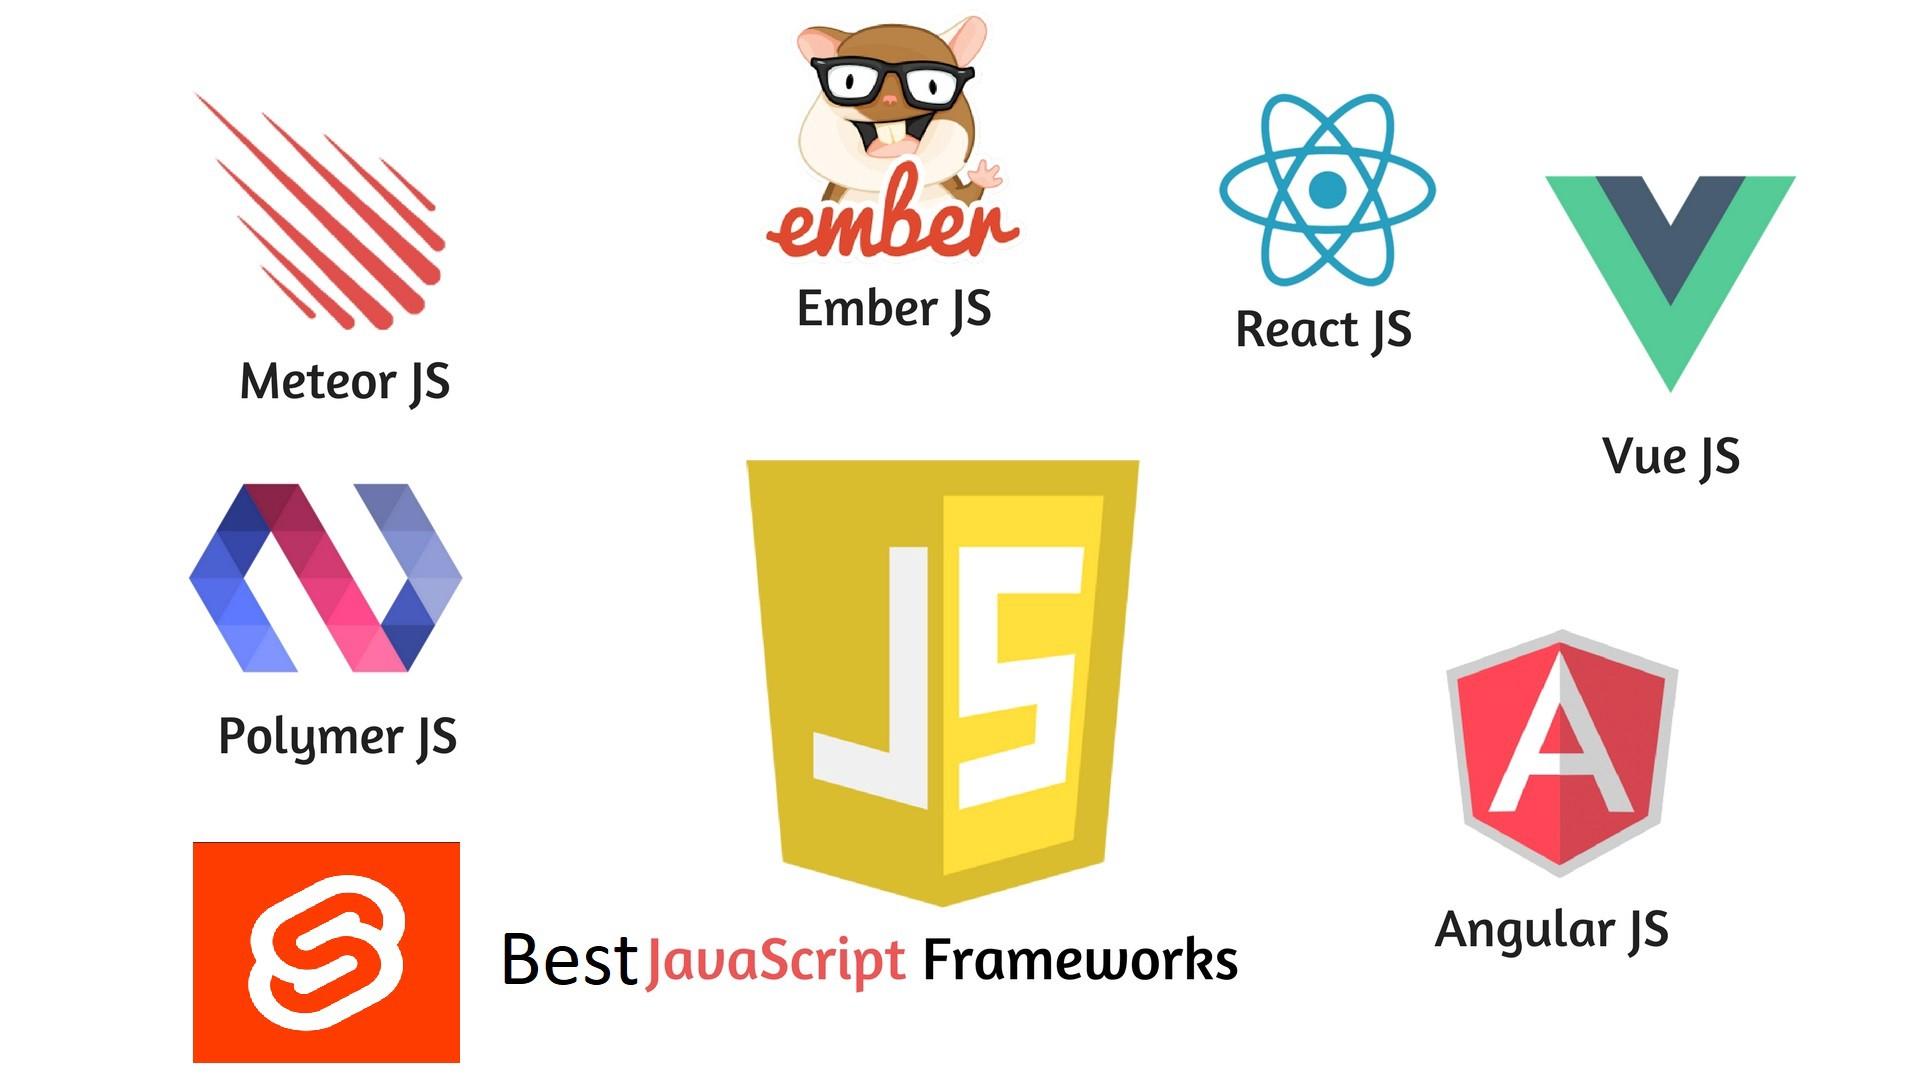 Most Popular JS Frameworks in 2021